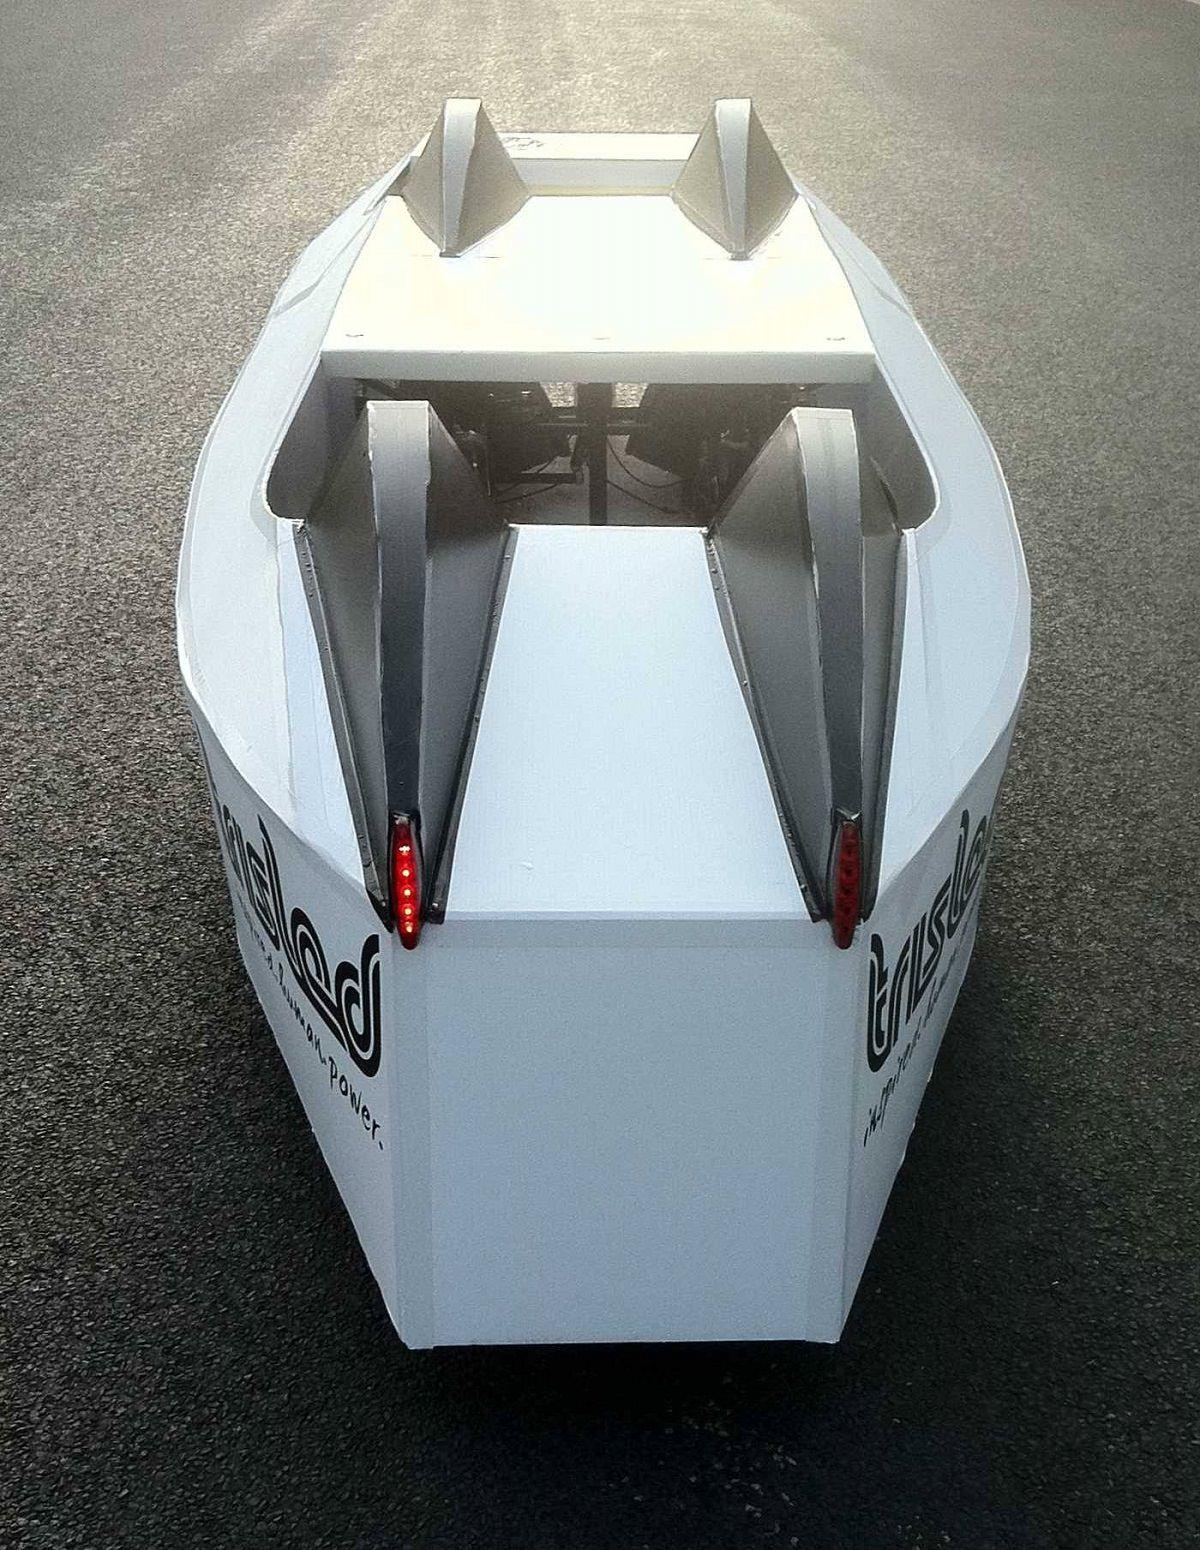 Velomobile rear view